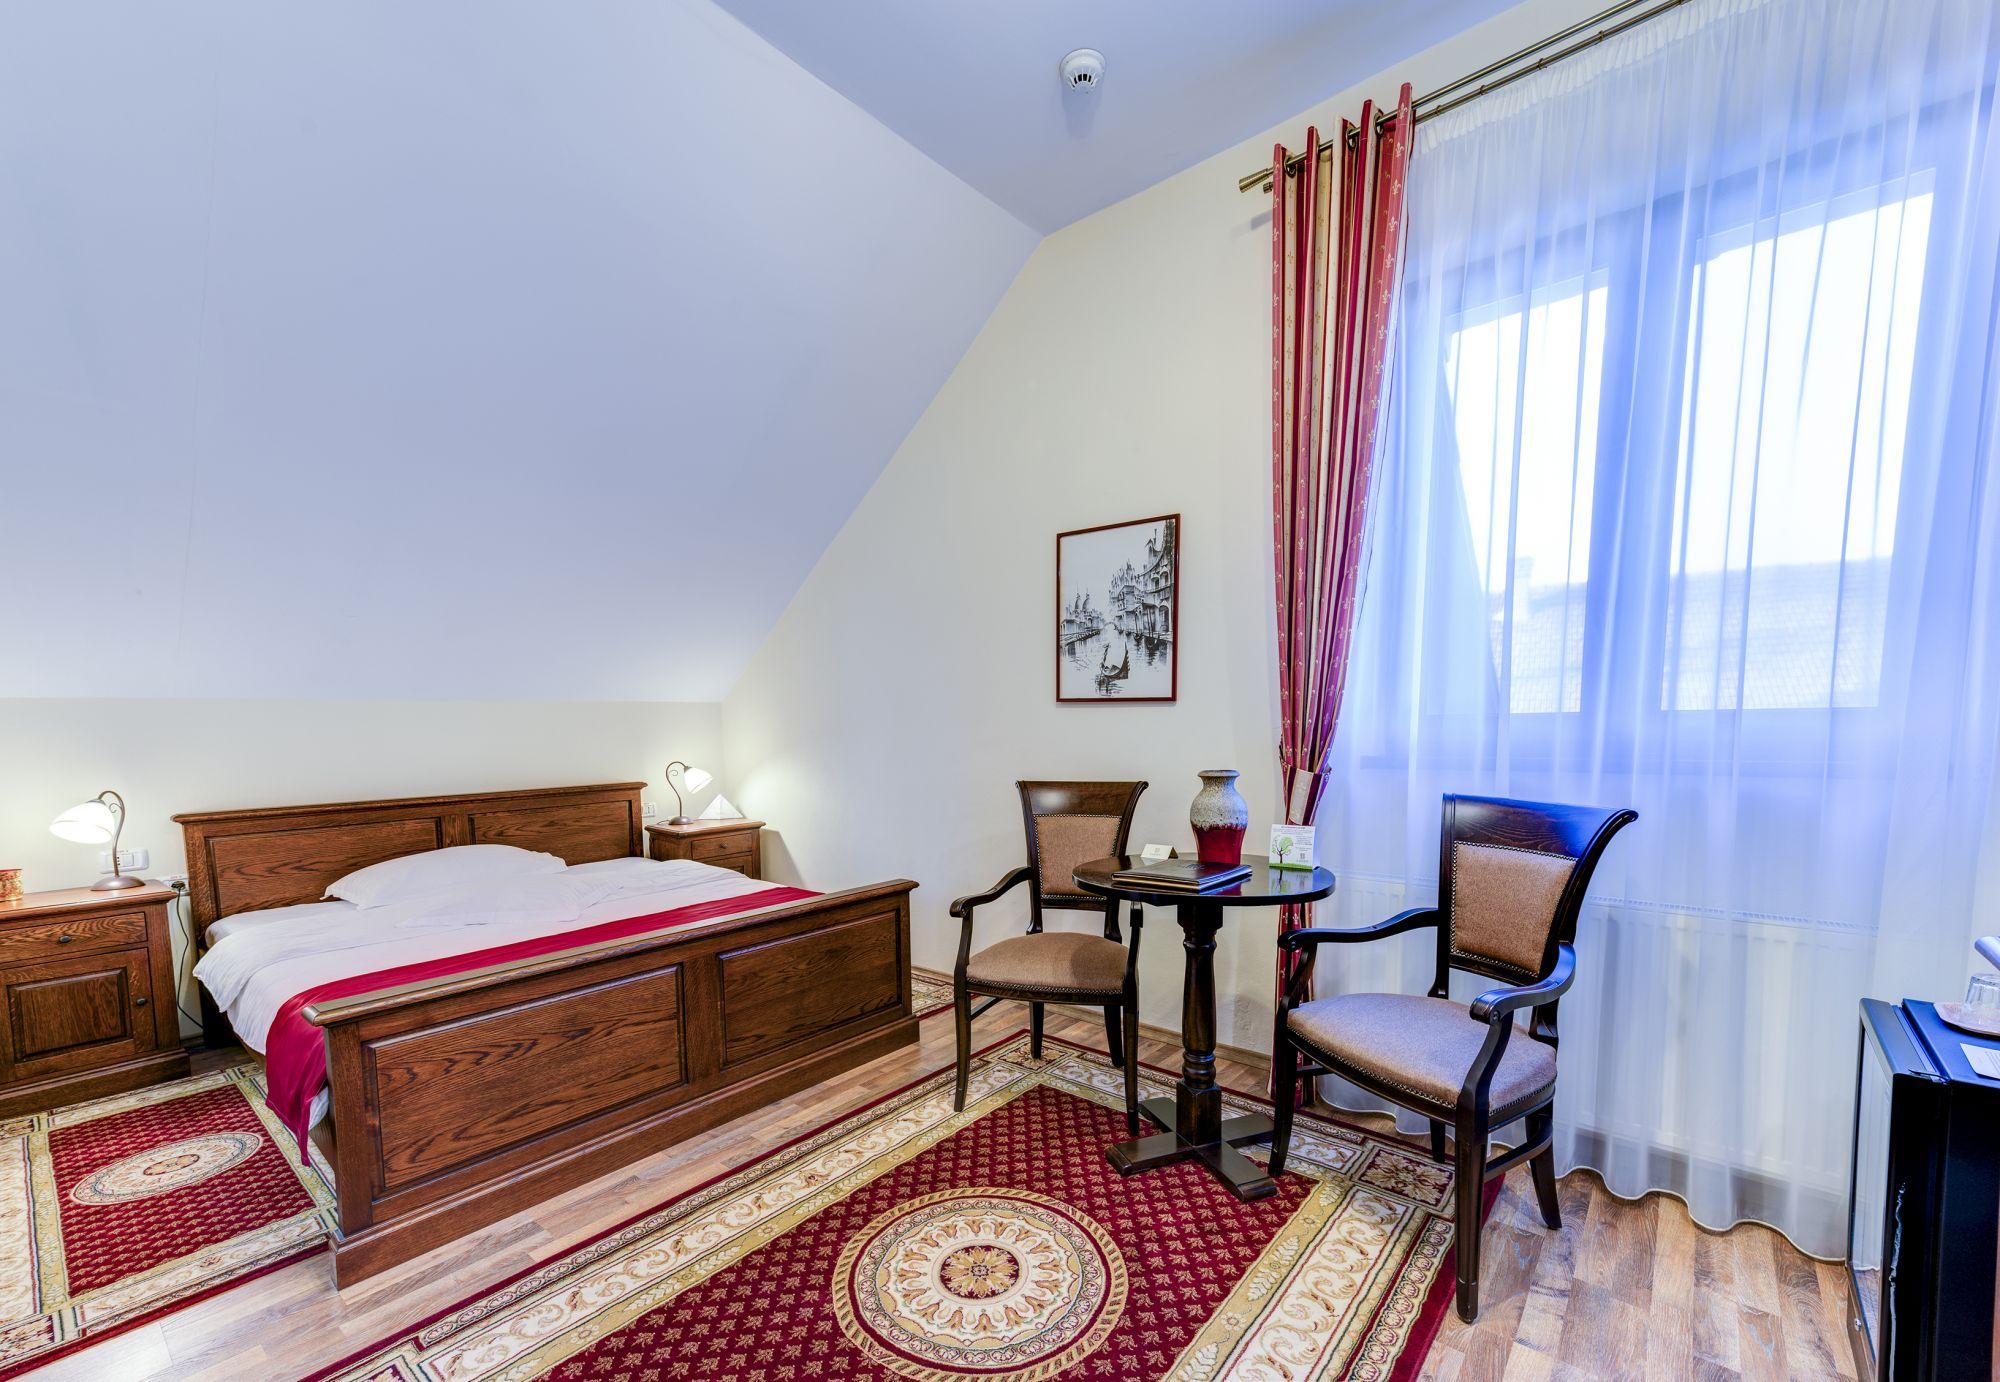 _aib3420_1_2_3_4_interiorroom